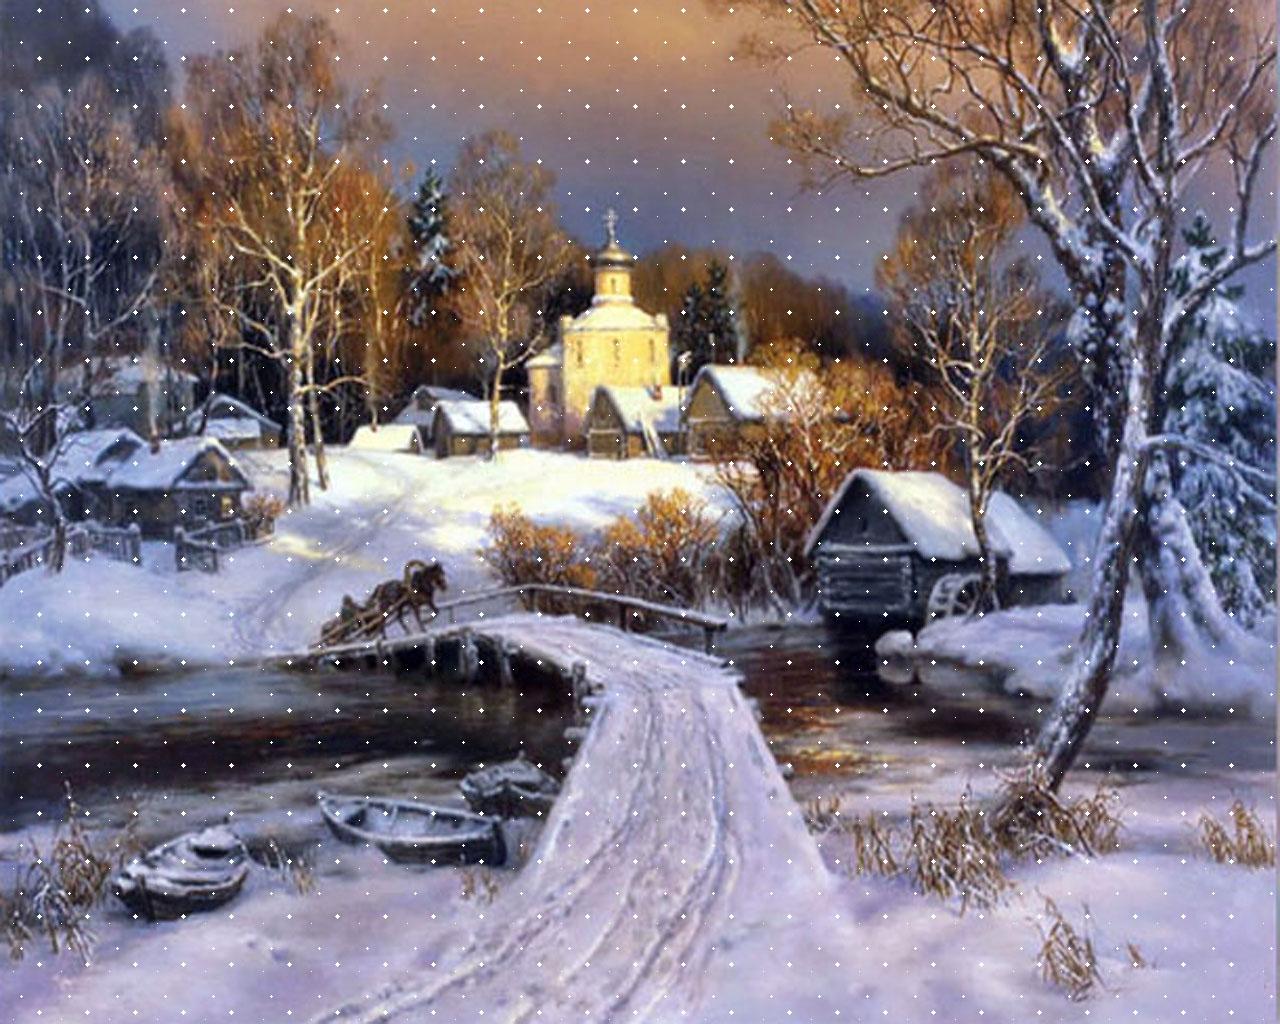 Desktop Wallpaper Nature Winter HD wallpaper background 1280x1024